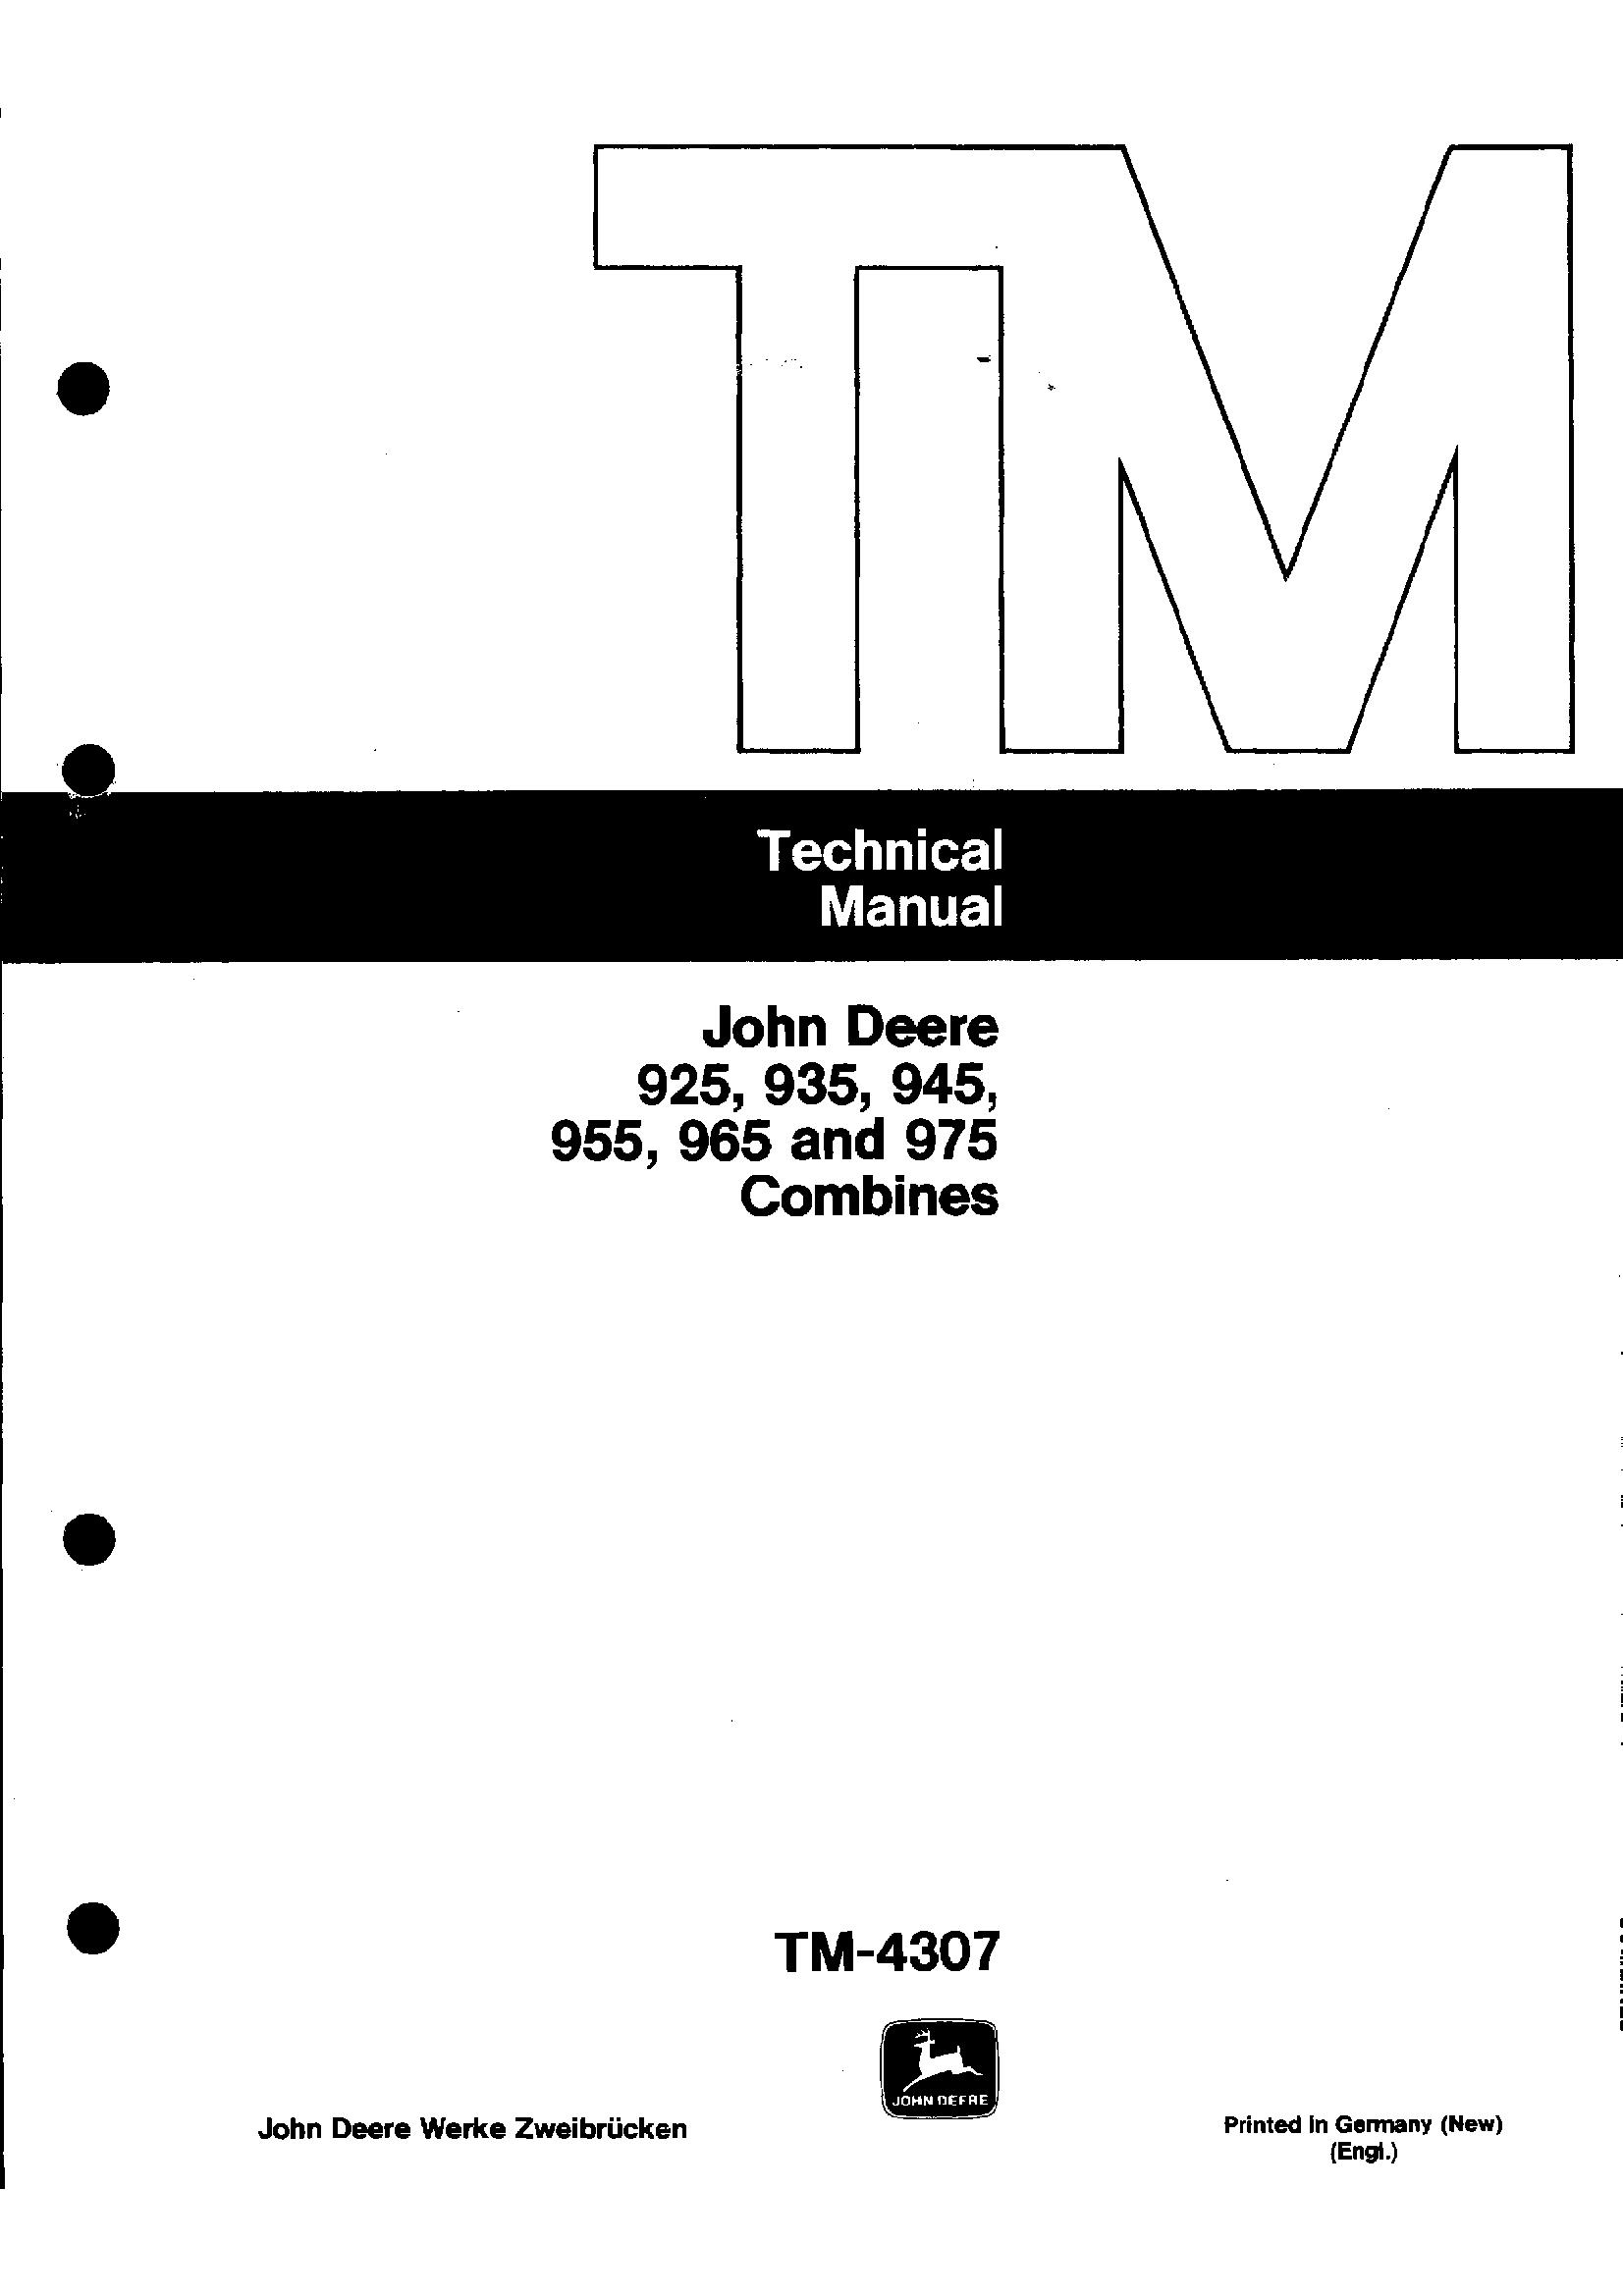 Épinglé sur Backhoe Loaders Technical Repair Service Manuals